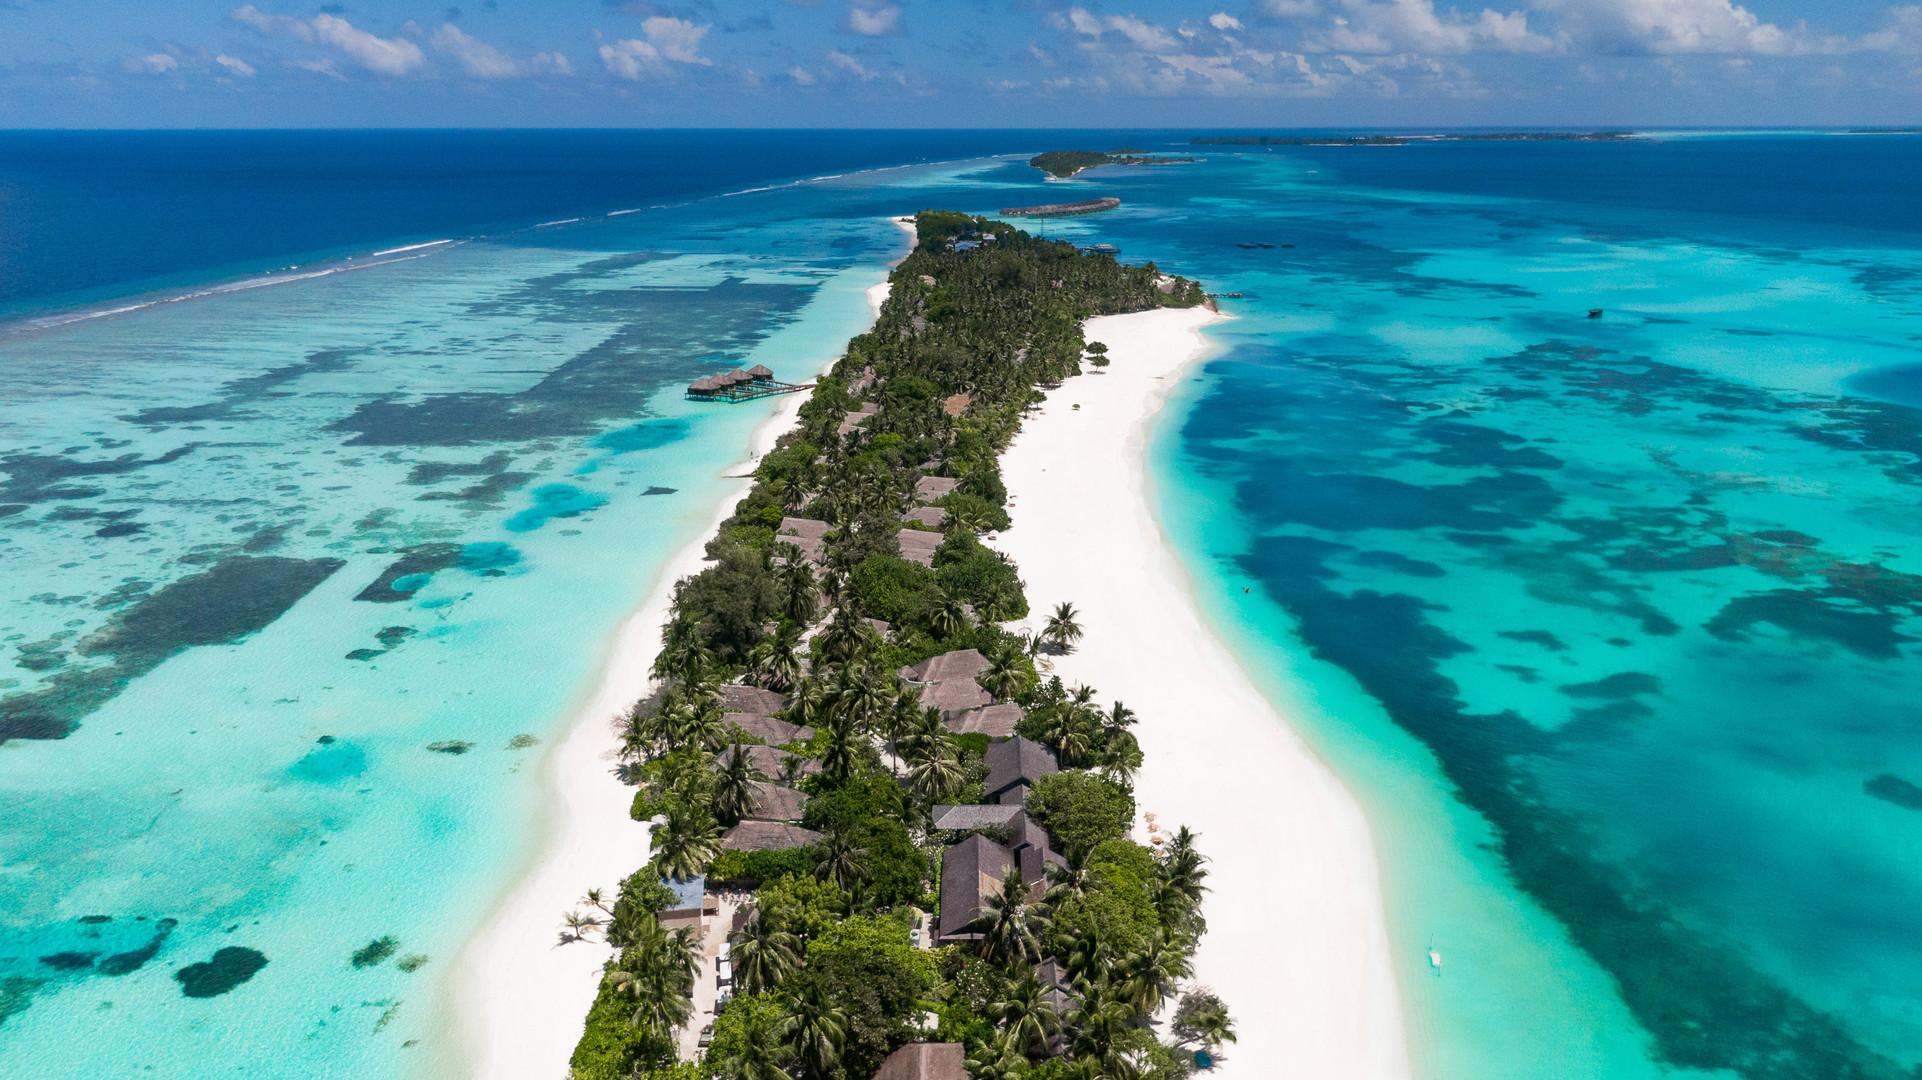 20190708_MAVIC_CAMILLA_DELLION_MALDIVES_